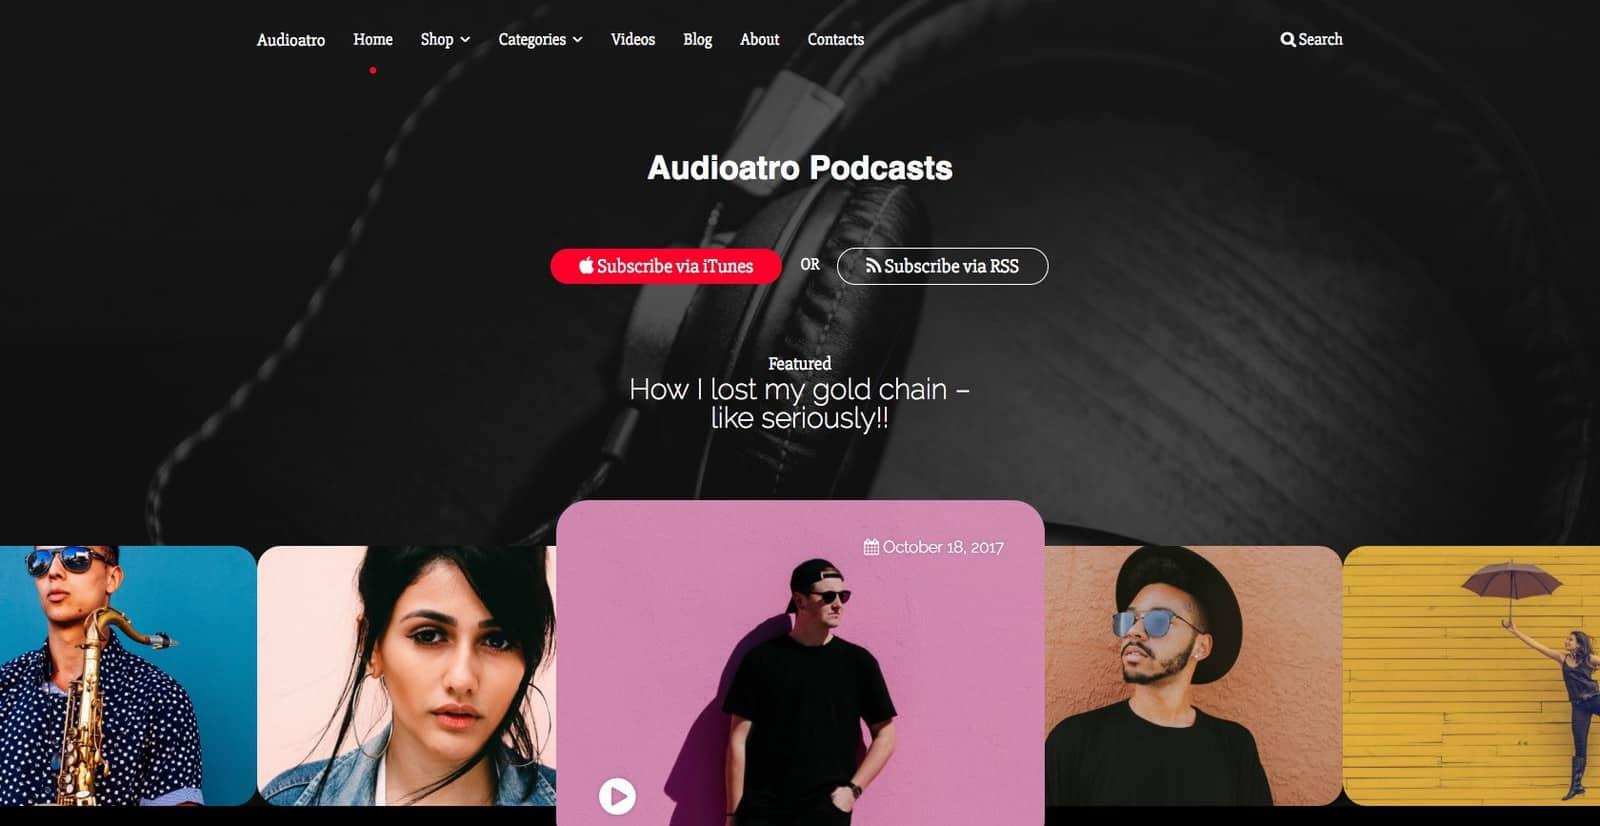 Audioarto theme